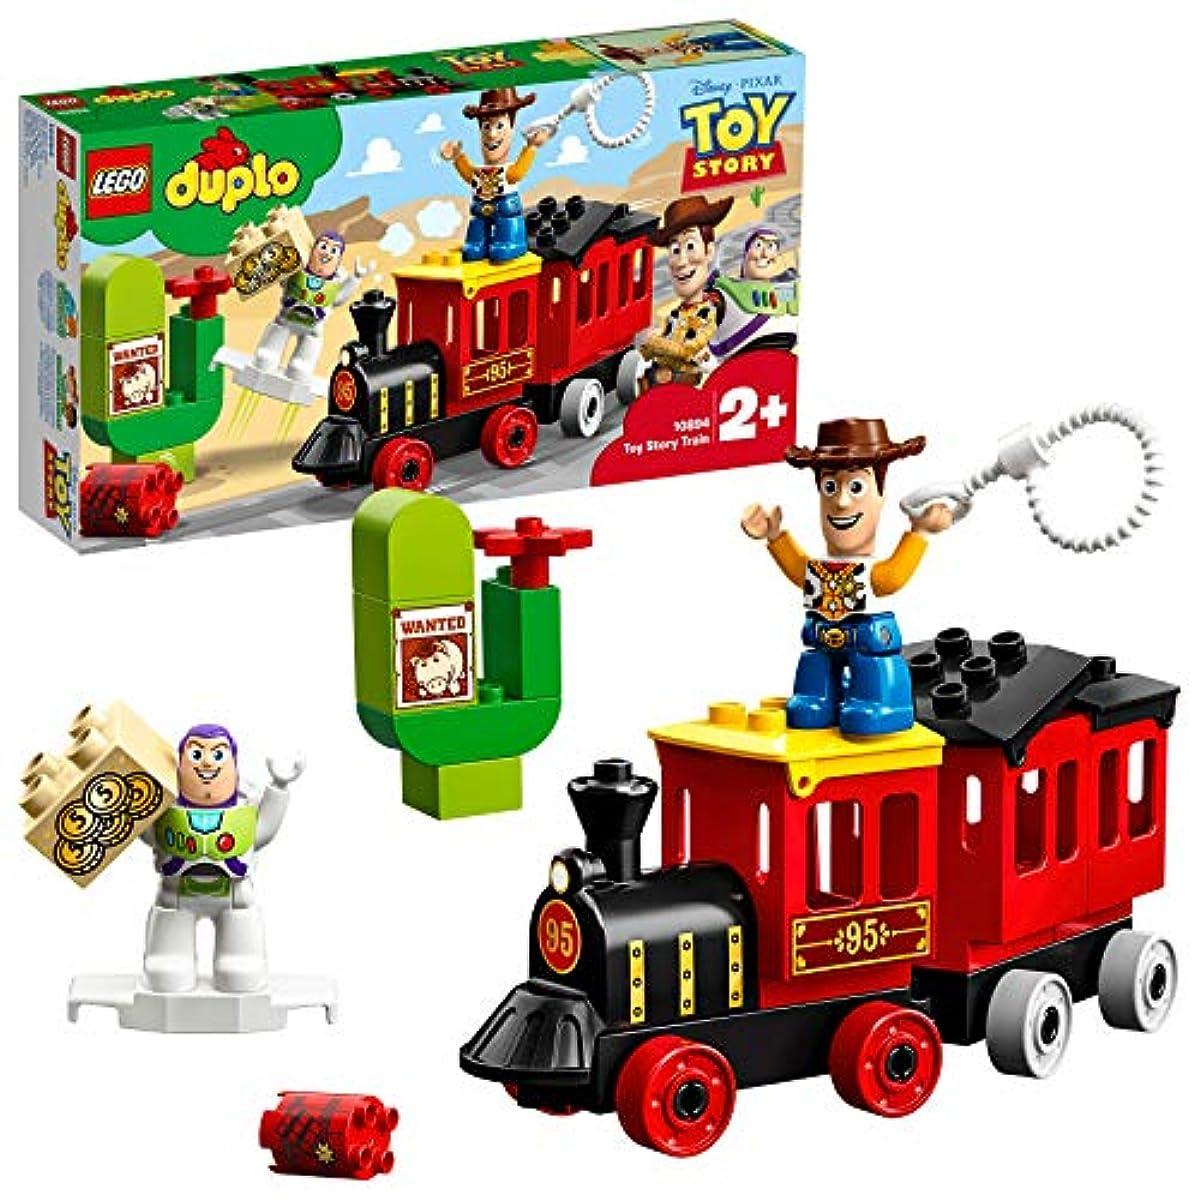 [해외] 레고(LEGO) 듀플로 토이 스토리train 10894 디즈니 블럭 장난감 소녀 사내 아이 전철